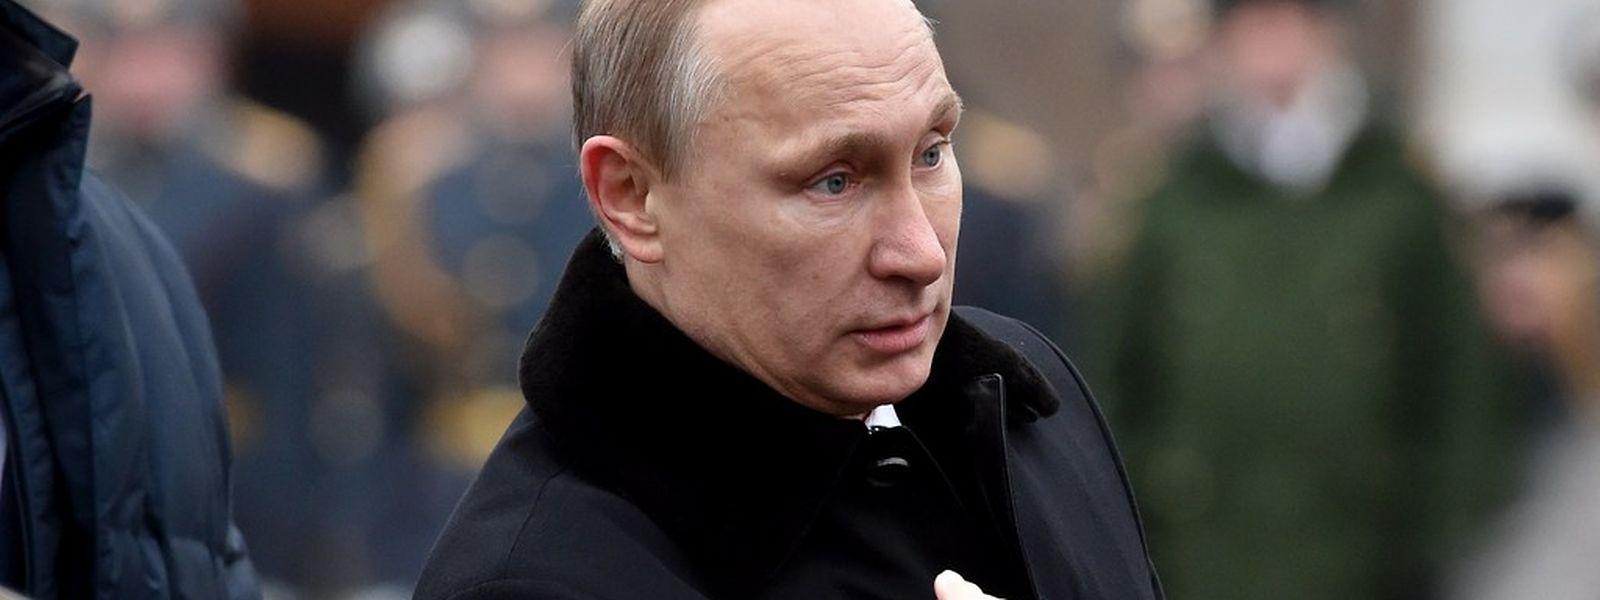 Putin sieht Anzeichen dafür, dass durch die Verhandlungen in Minsk allmählich wieder Vertrauen zwischen Russland, Deutschland und Frankreich entstehe.